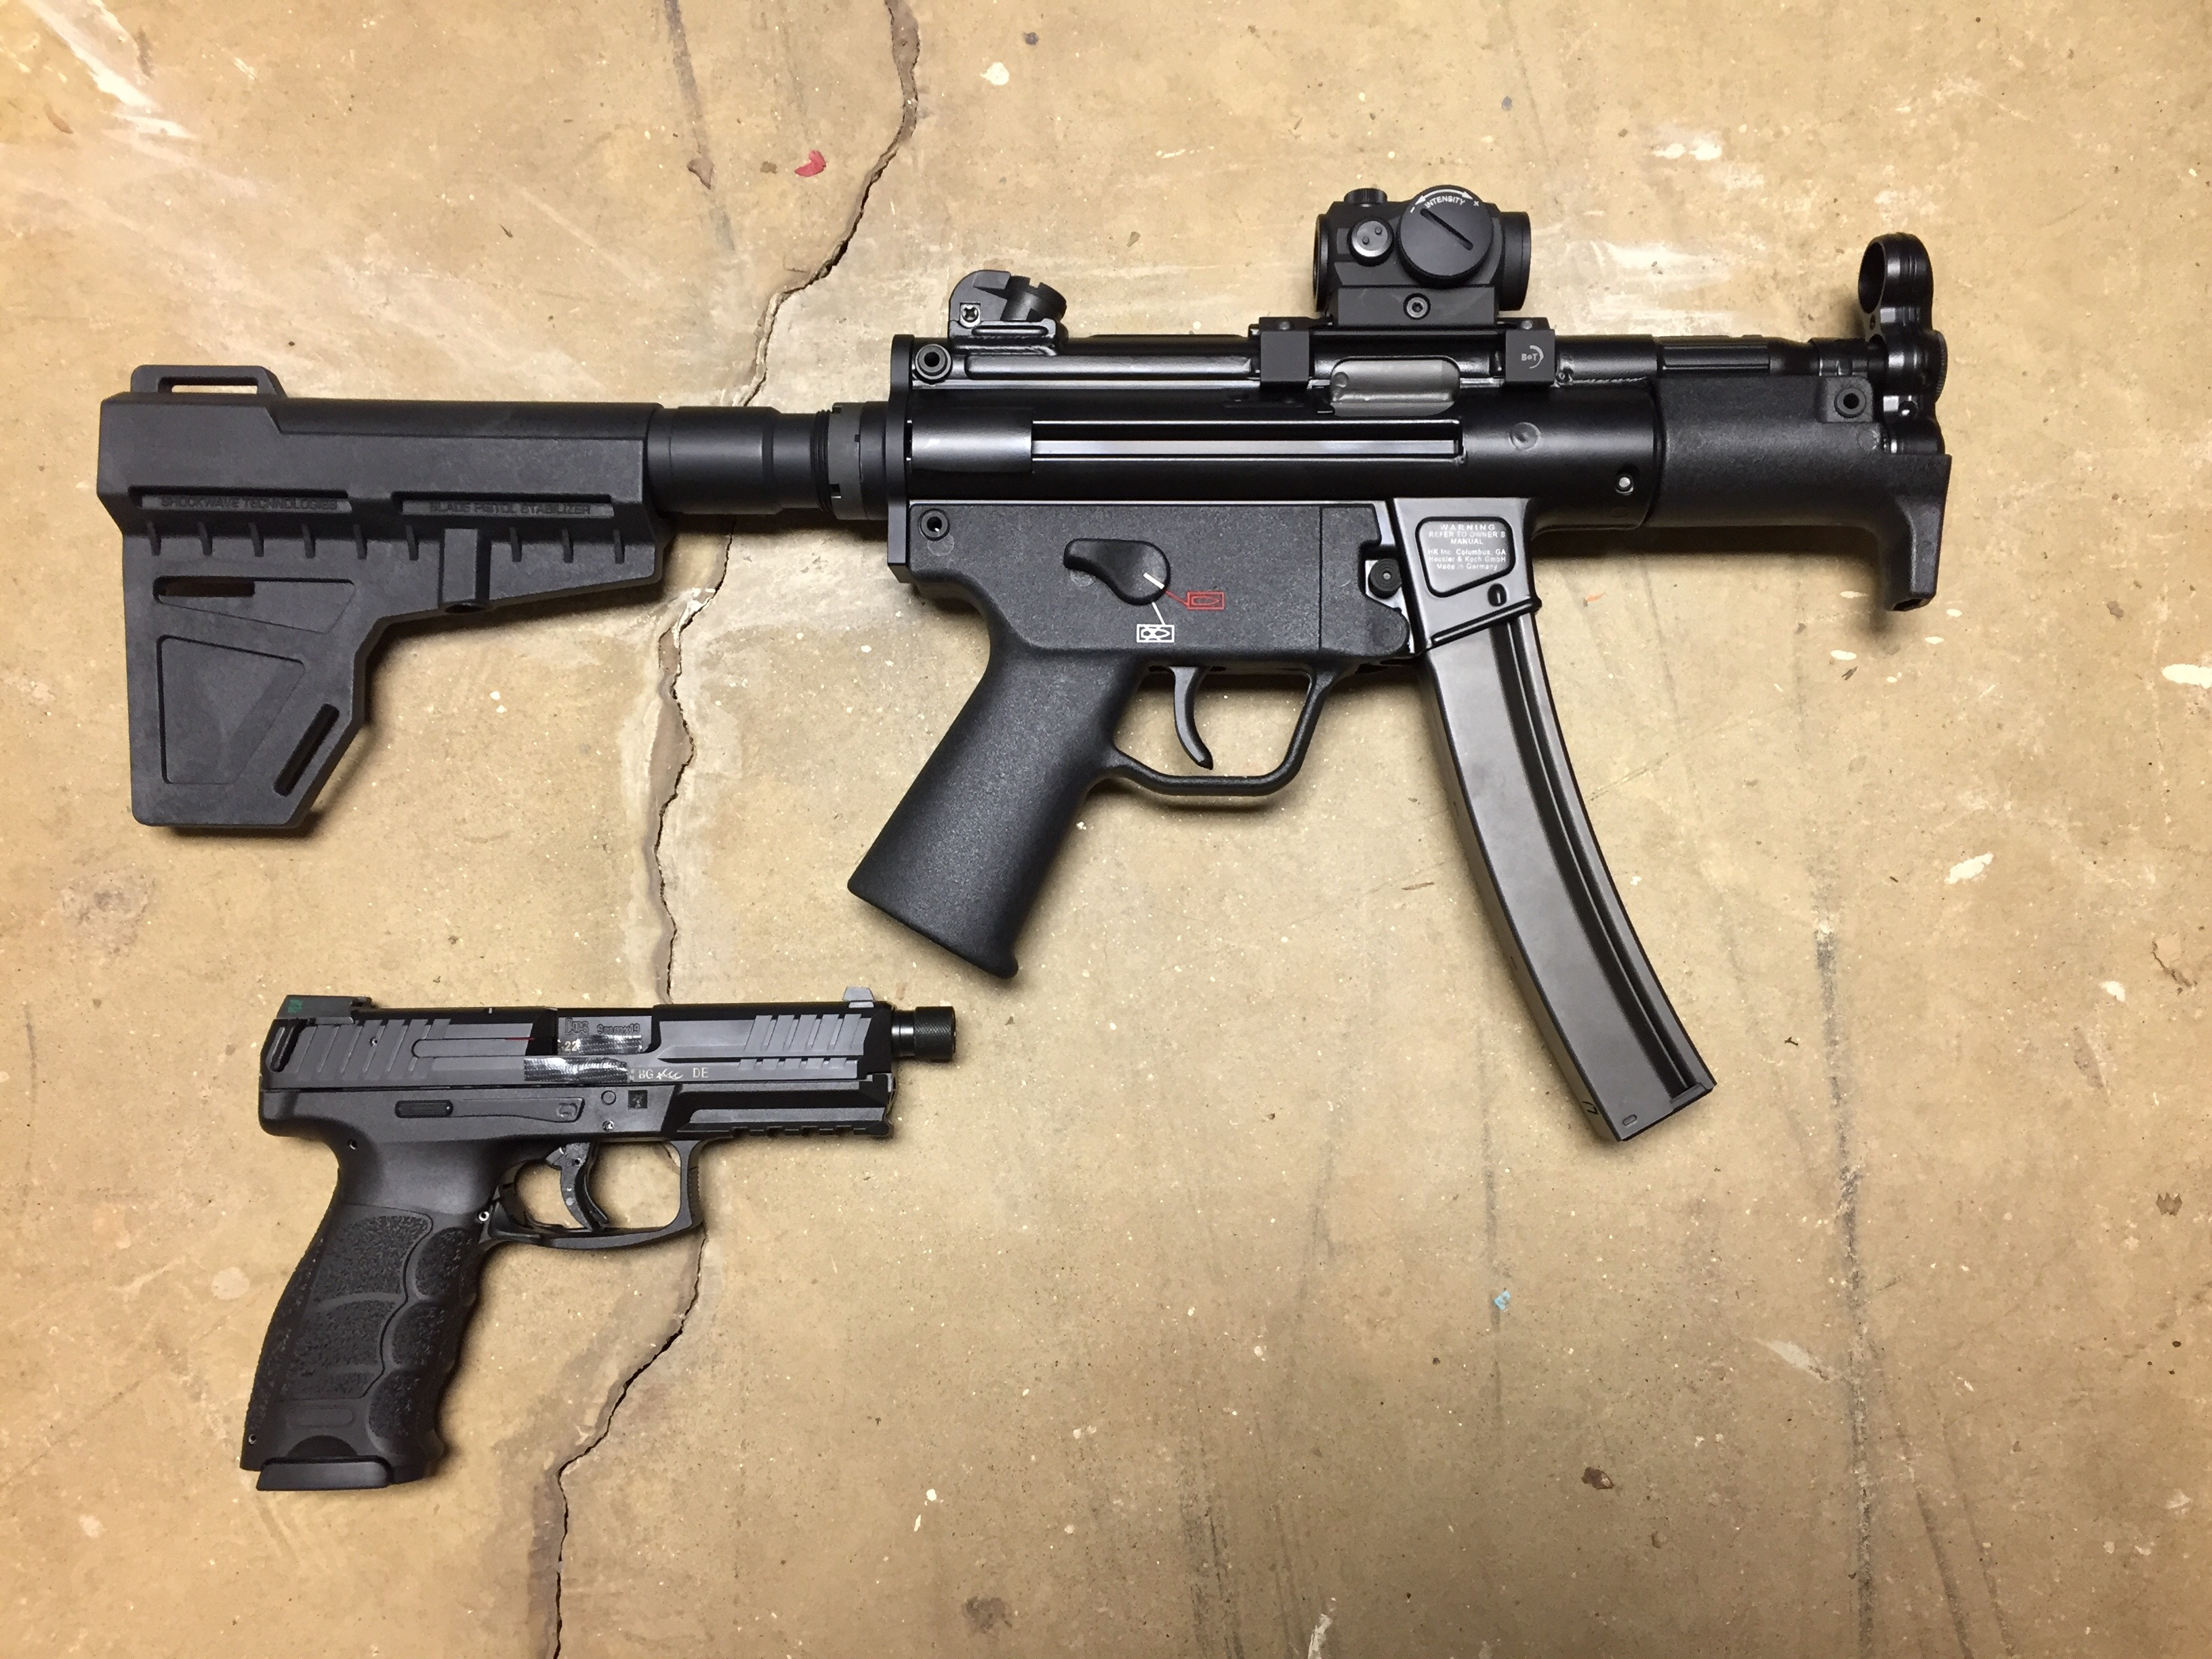 Sp5k Folding Pistol Brace In Stock At Hk Parts Page 3